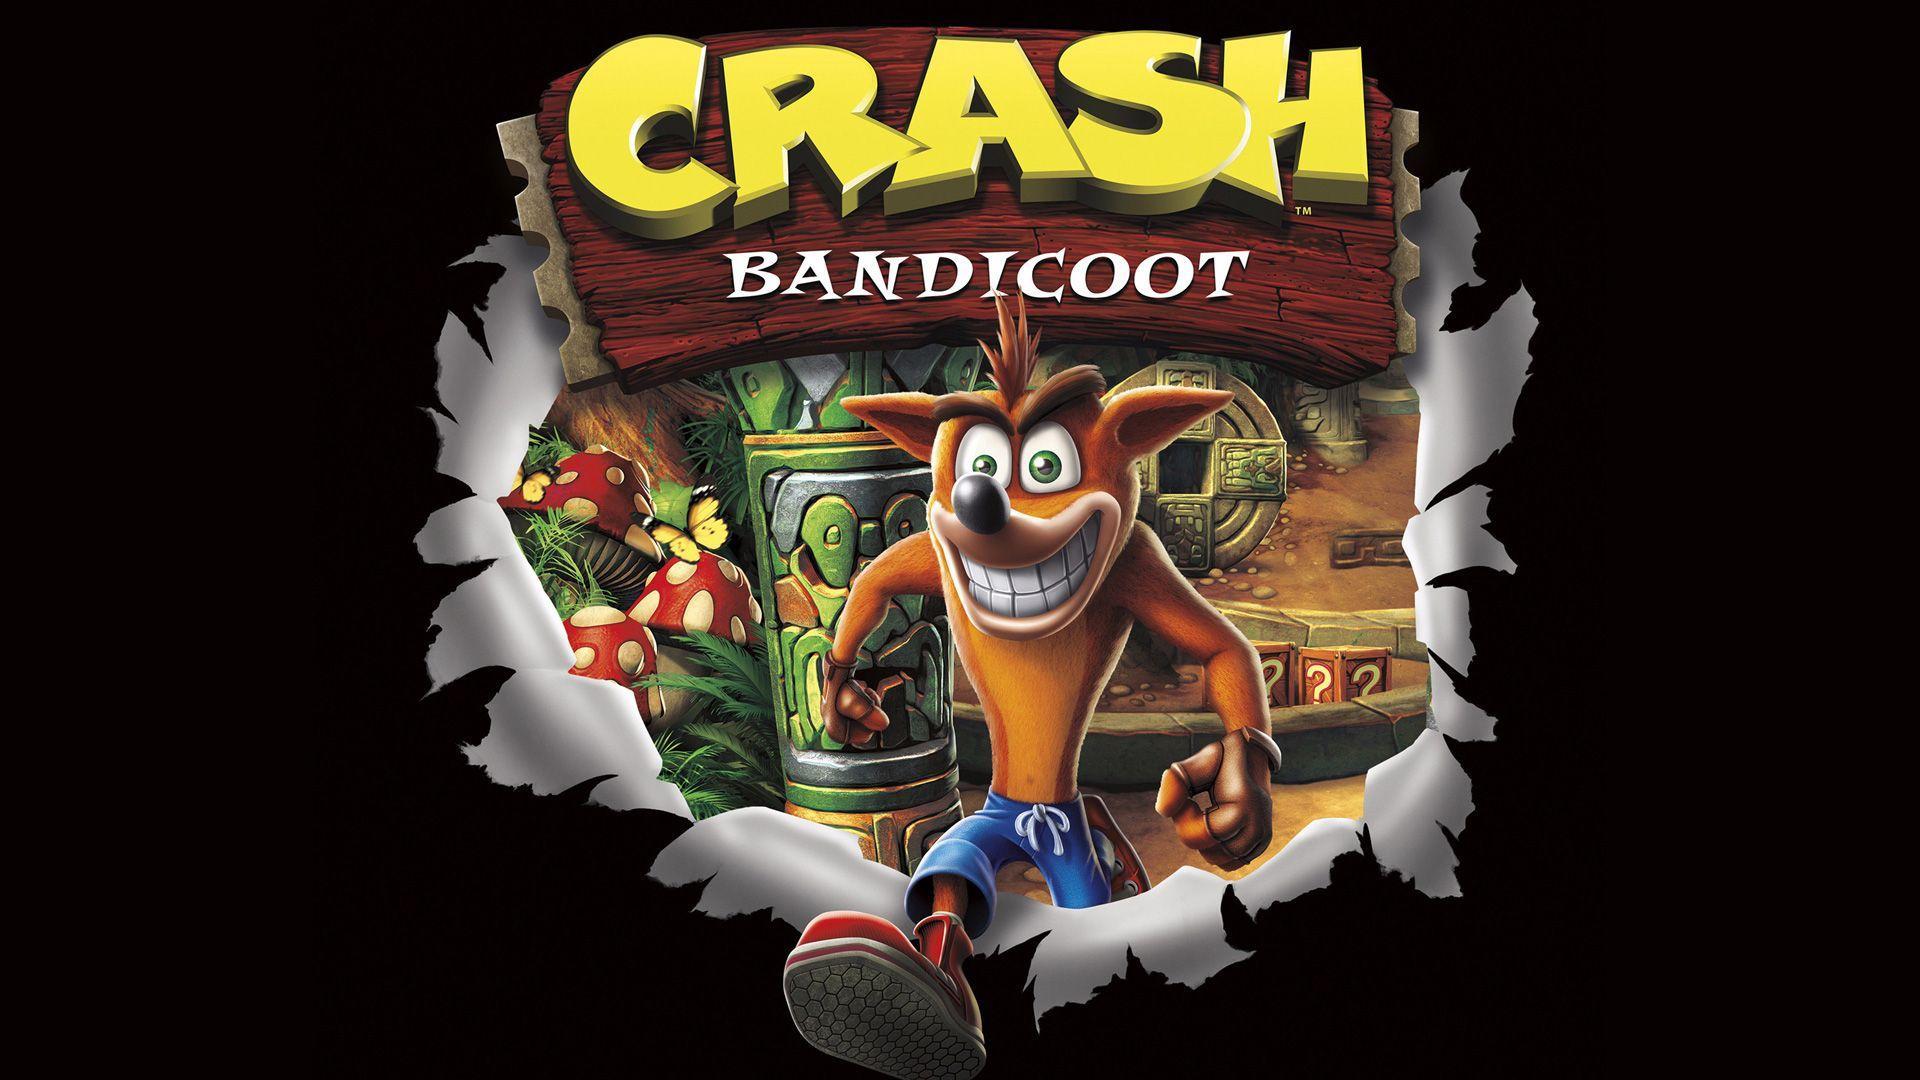 Crash Bandicoot anniversary